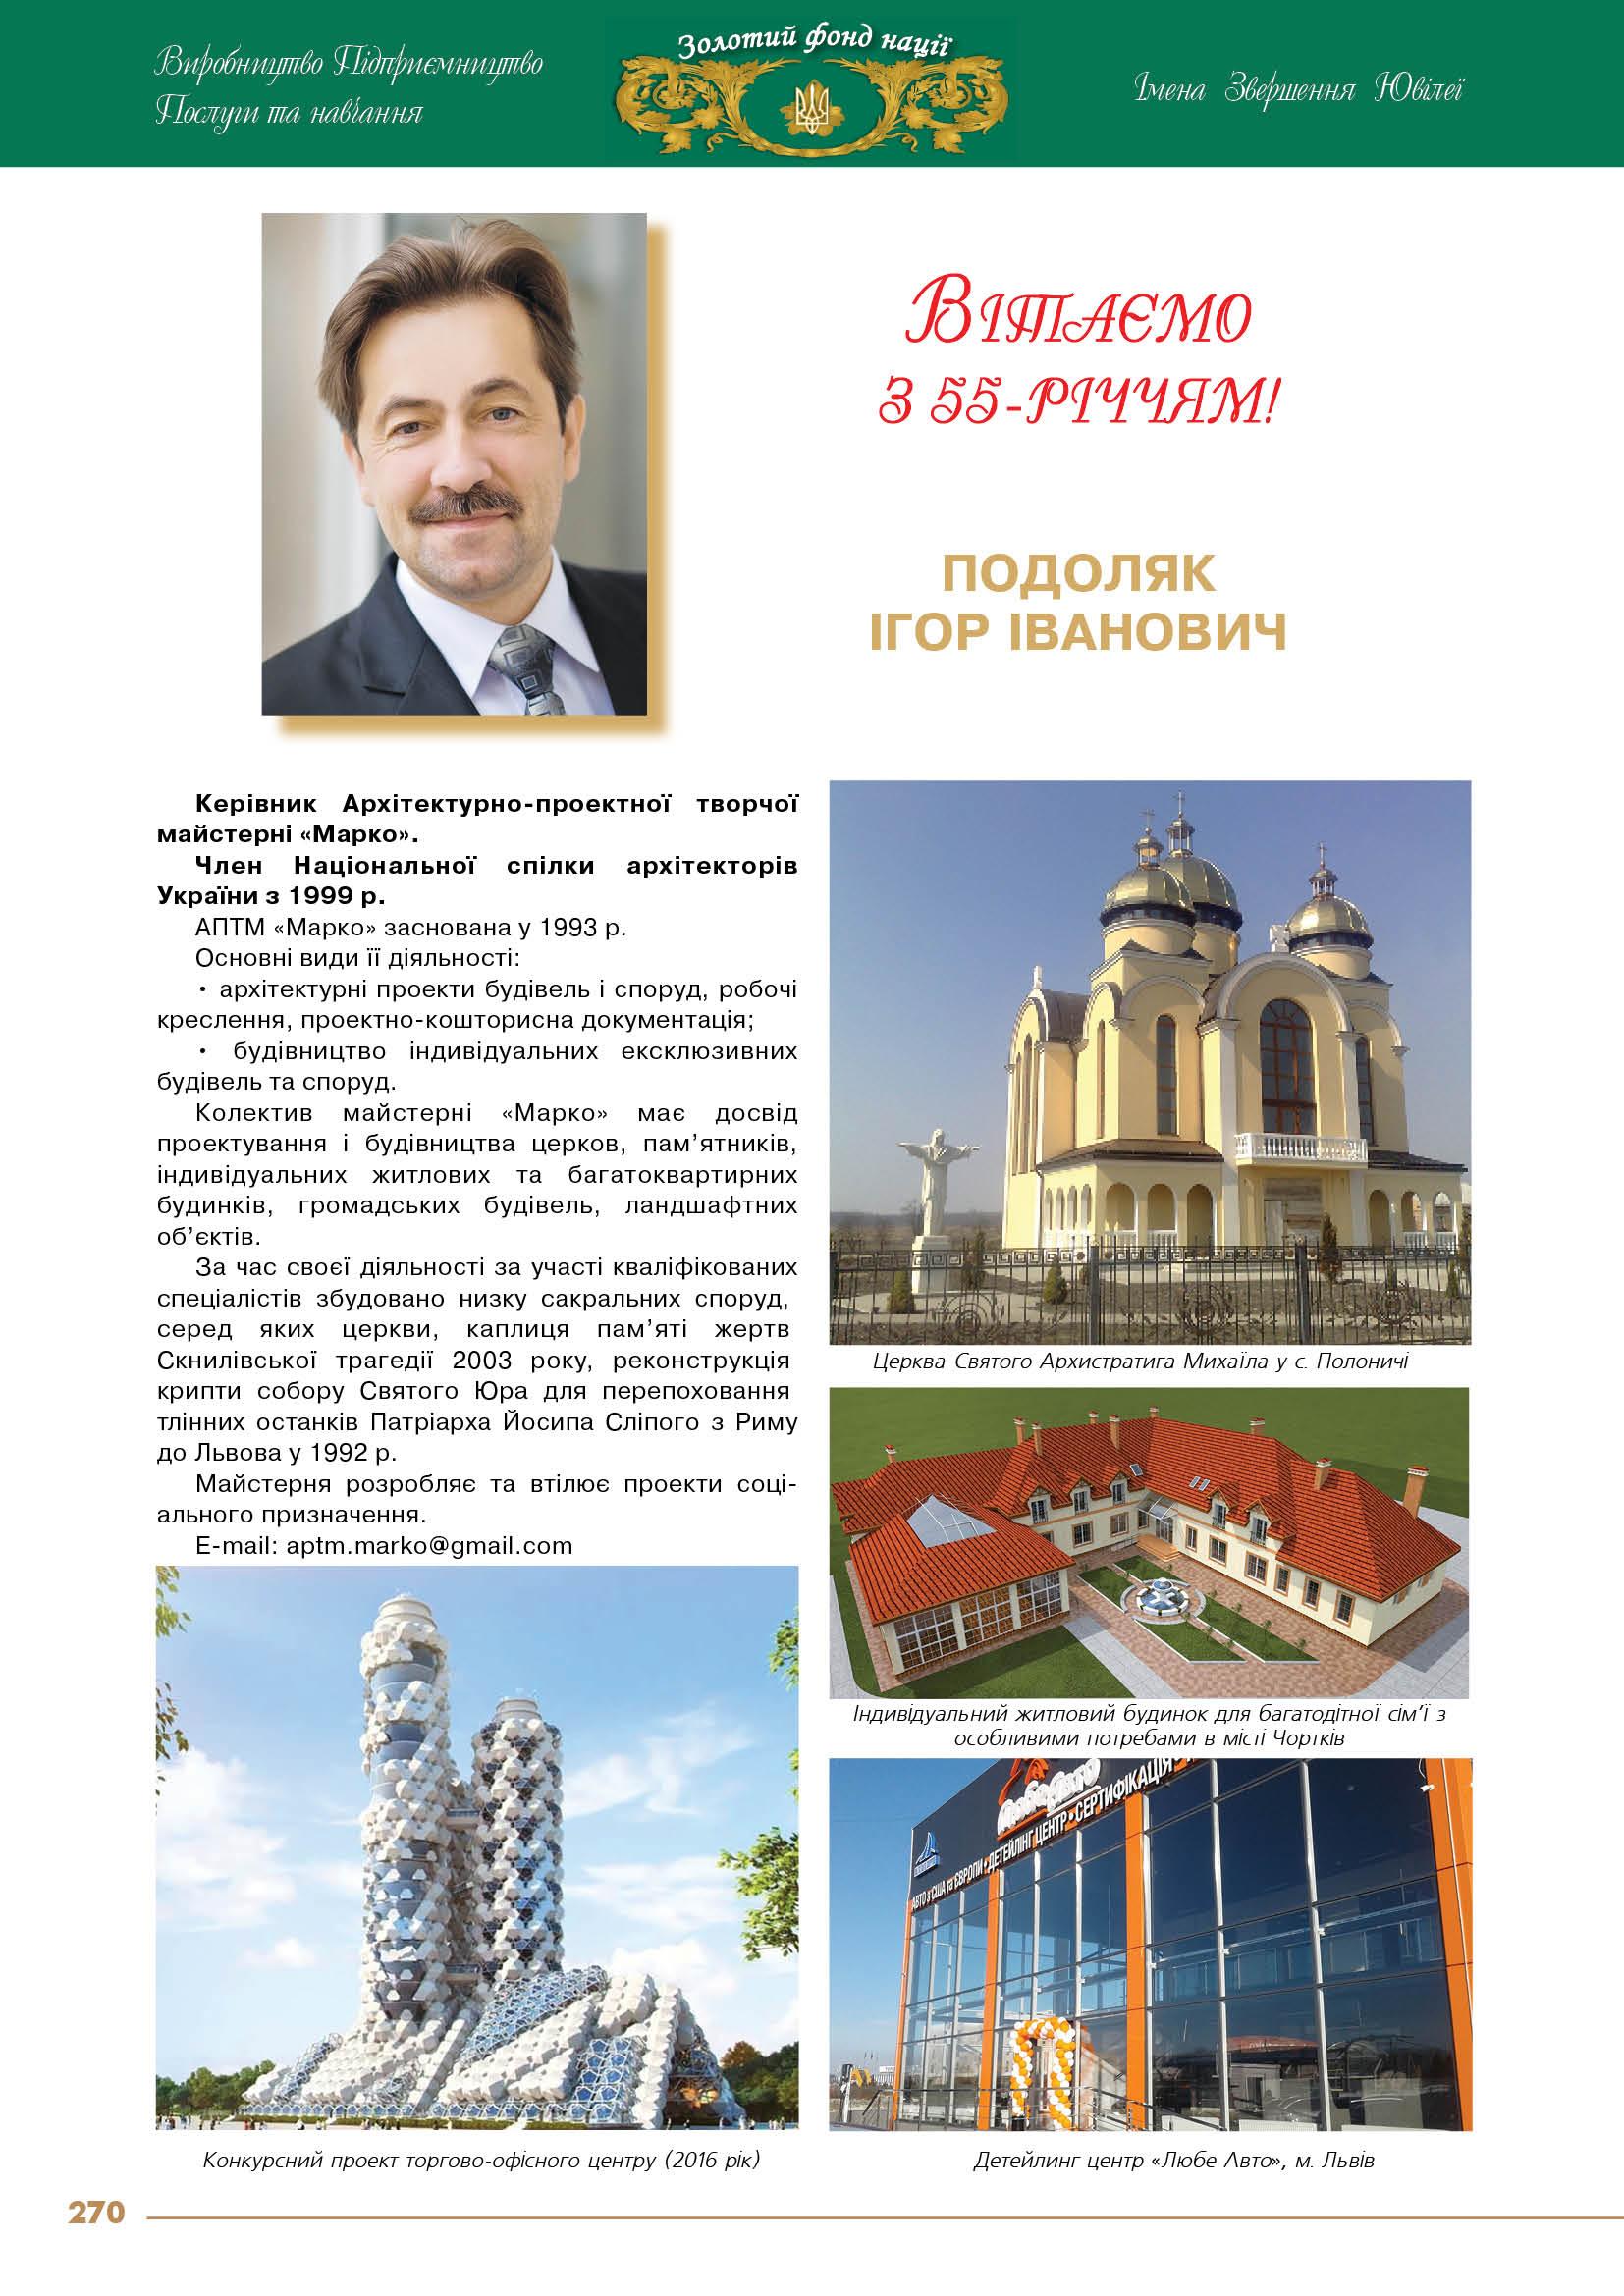 Подоляк Ігор Іванович